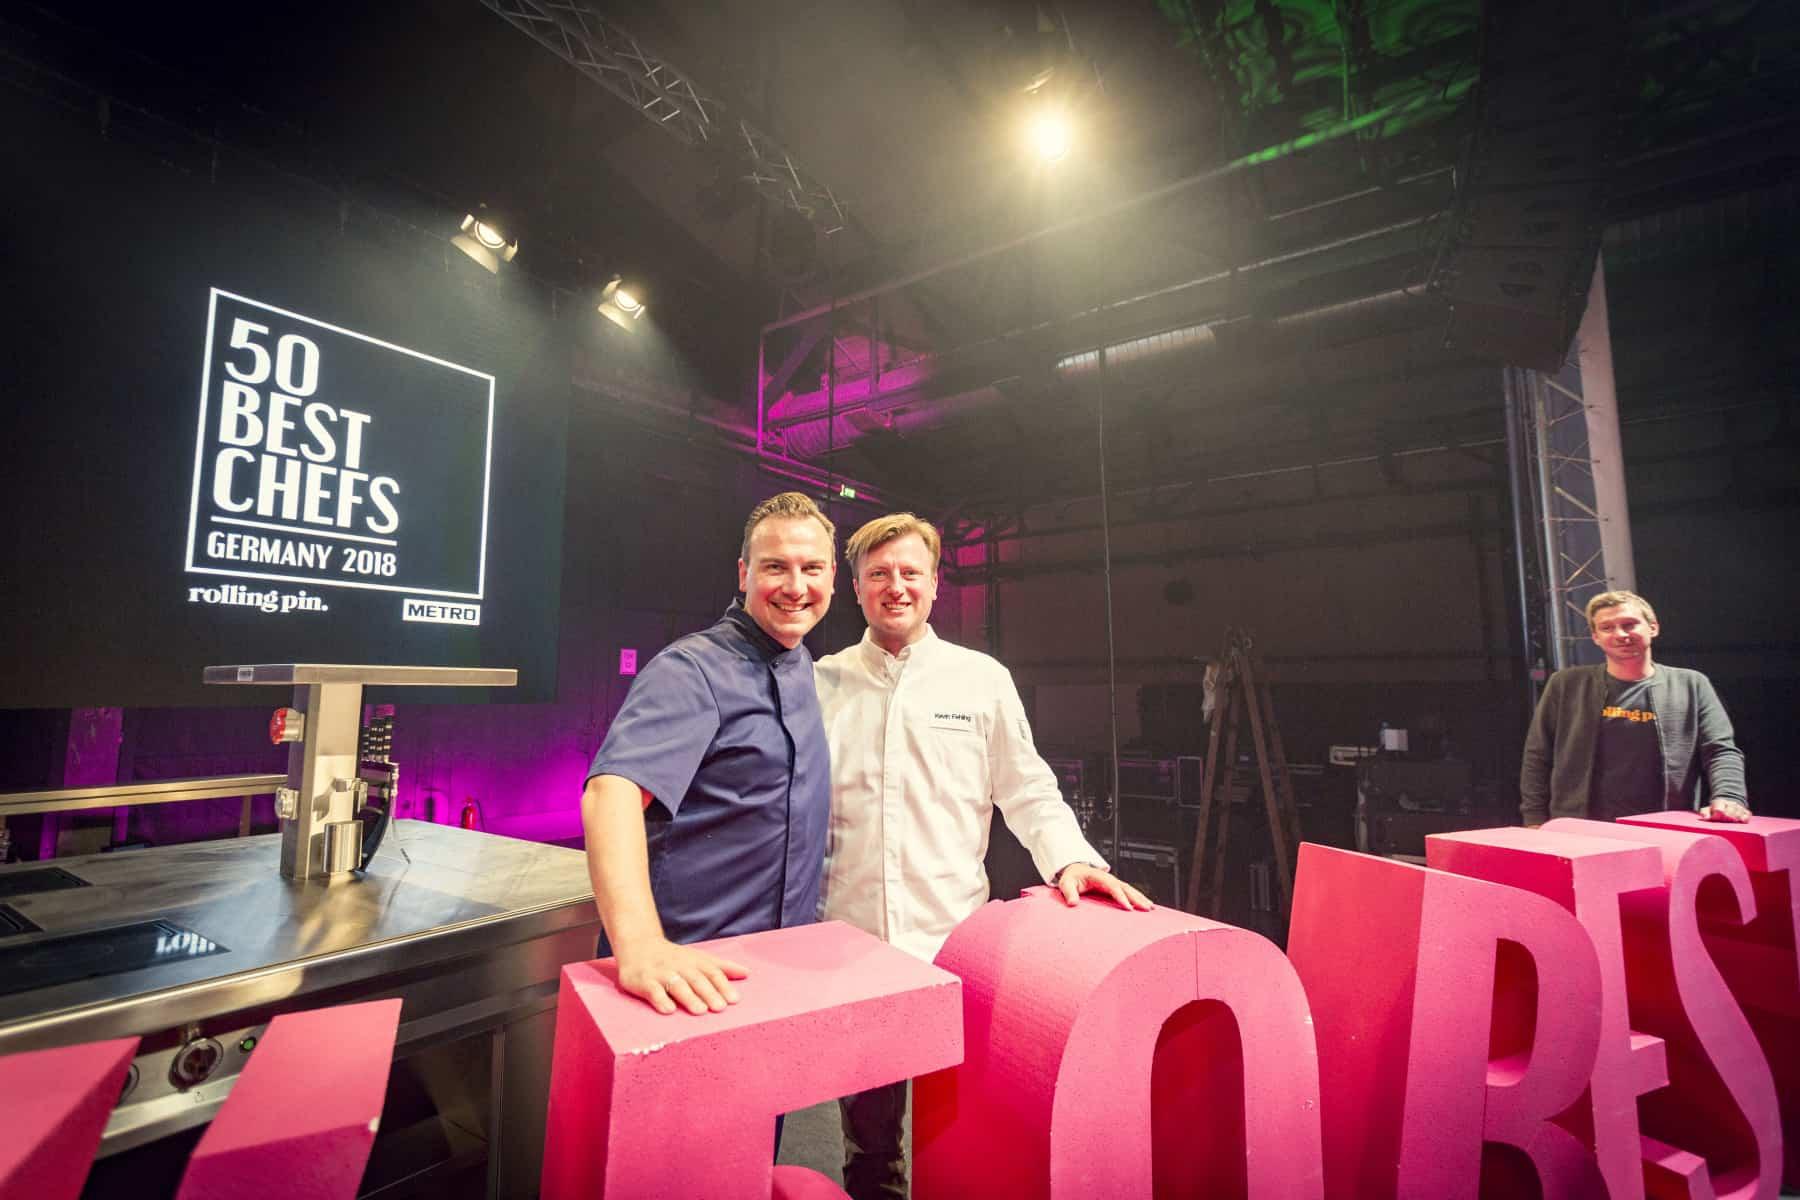 Tim Raue Kevin Fehling lächeln bei 50 Best Chefs 2018 Chefdays